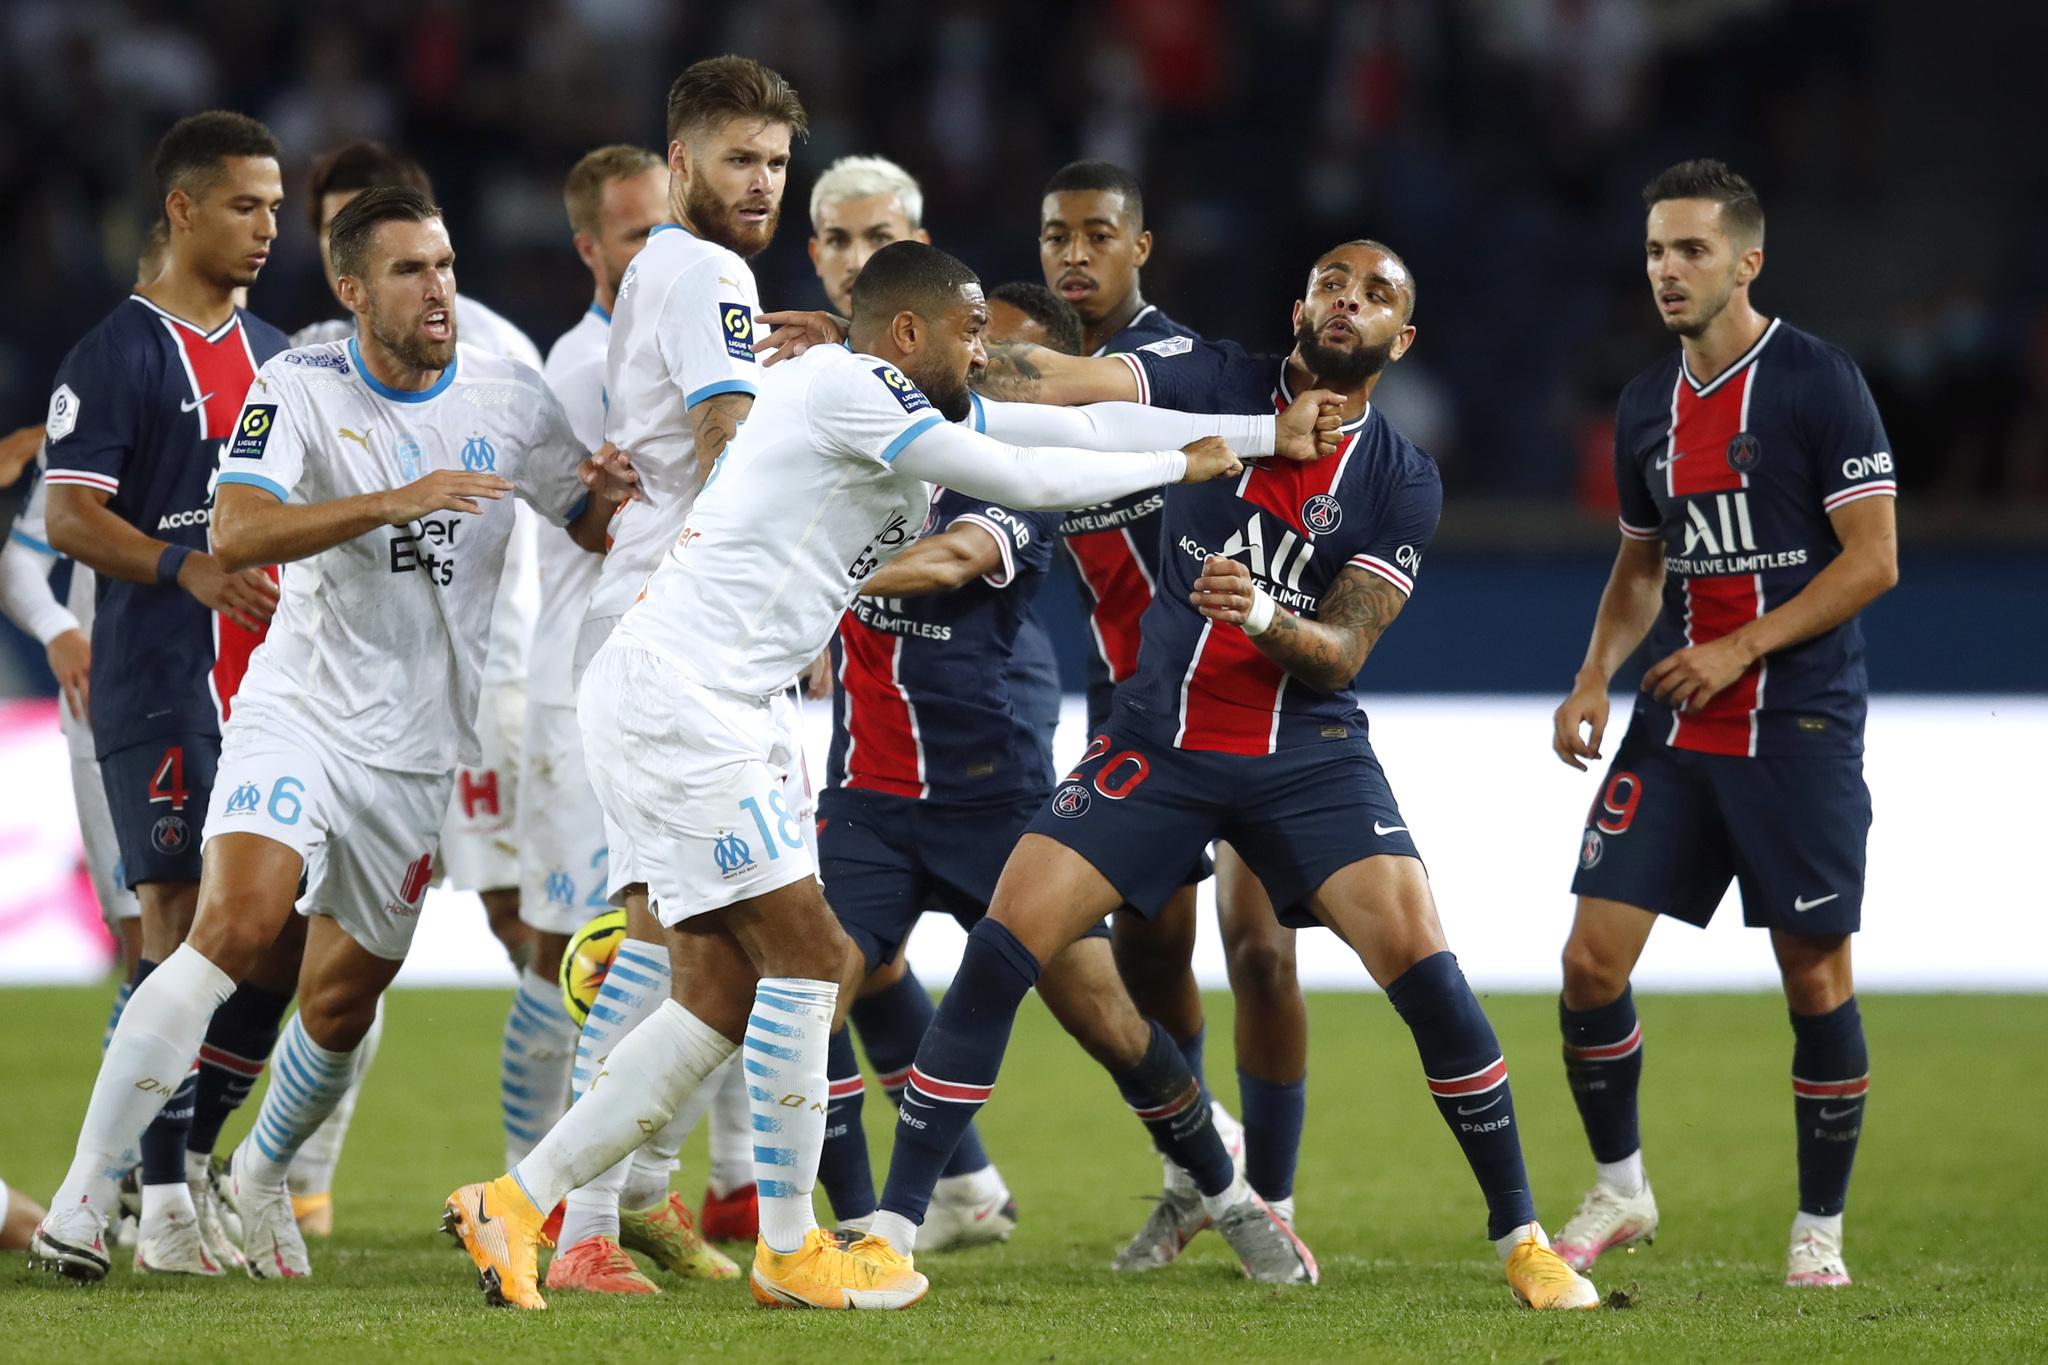 Psg Vs Marsella El Psg Pierde Ante El Marsella En Un Clasico Vergonzoso Con Cinco Expulsados Ligue 1